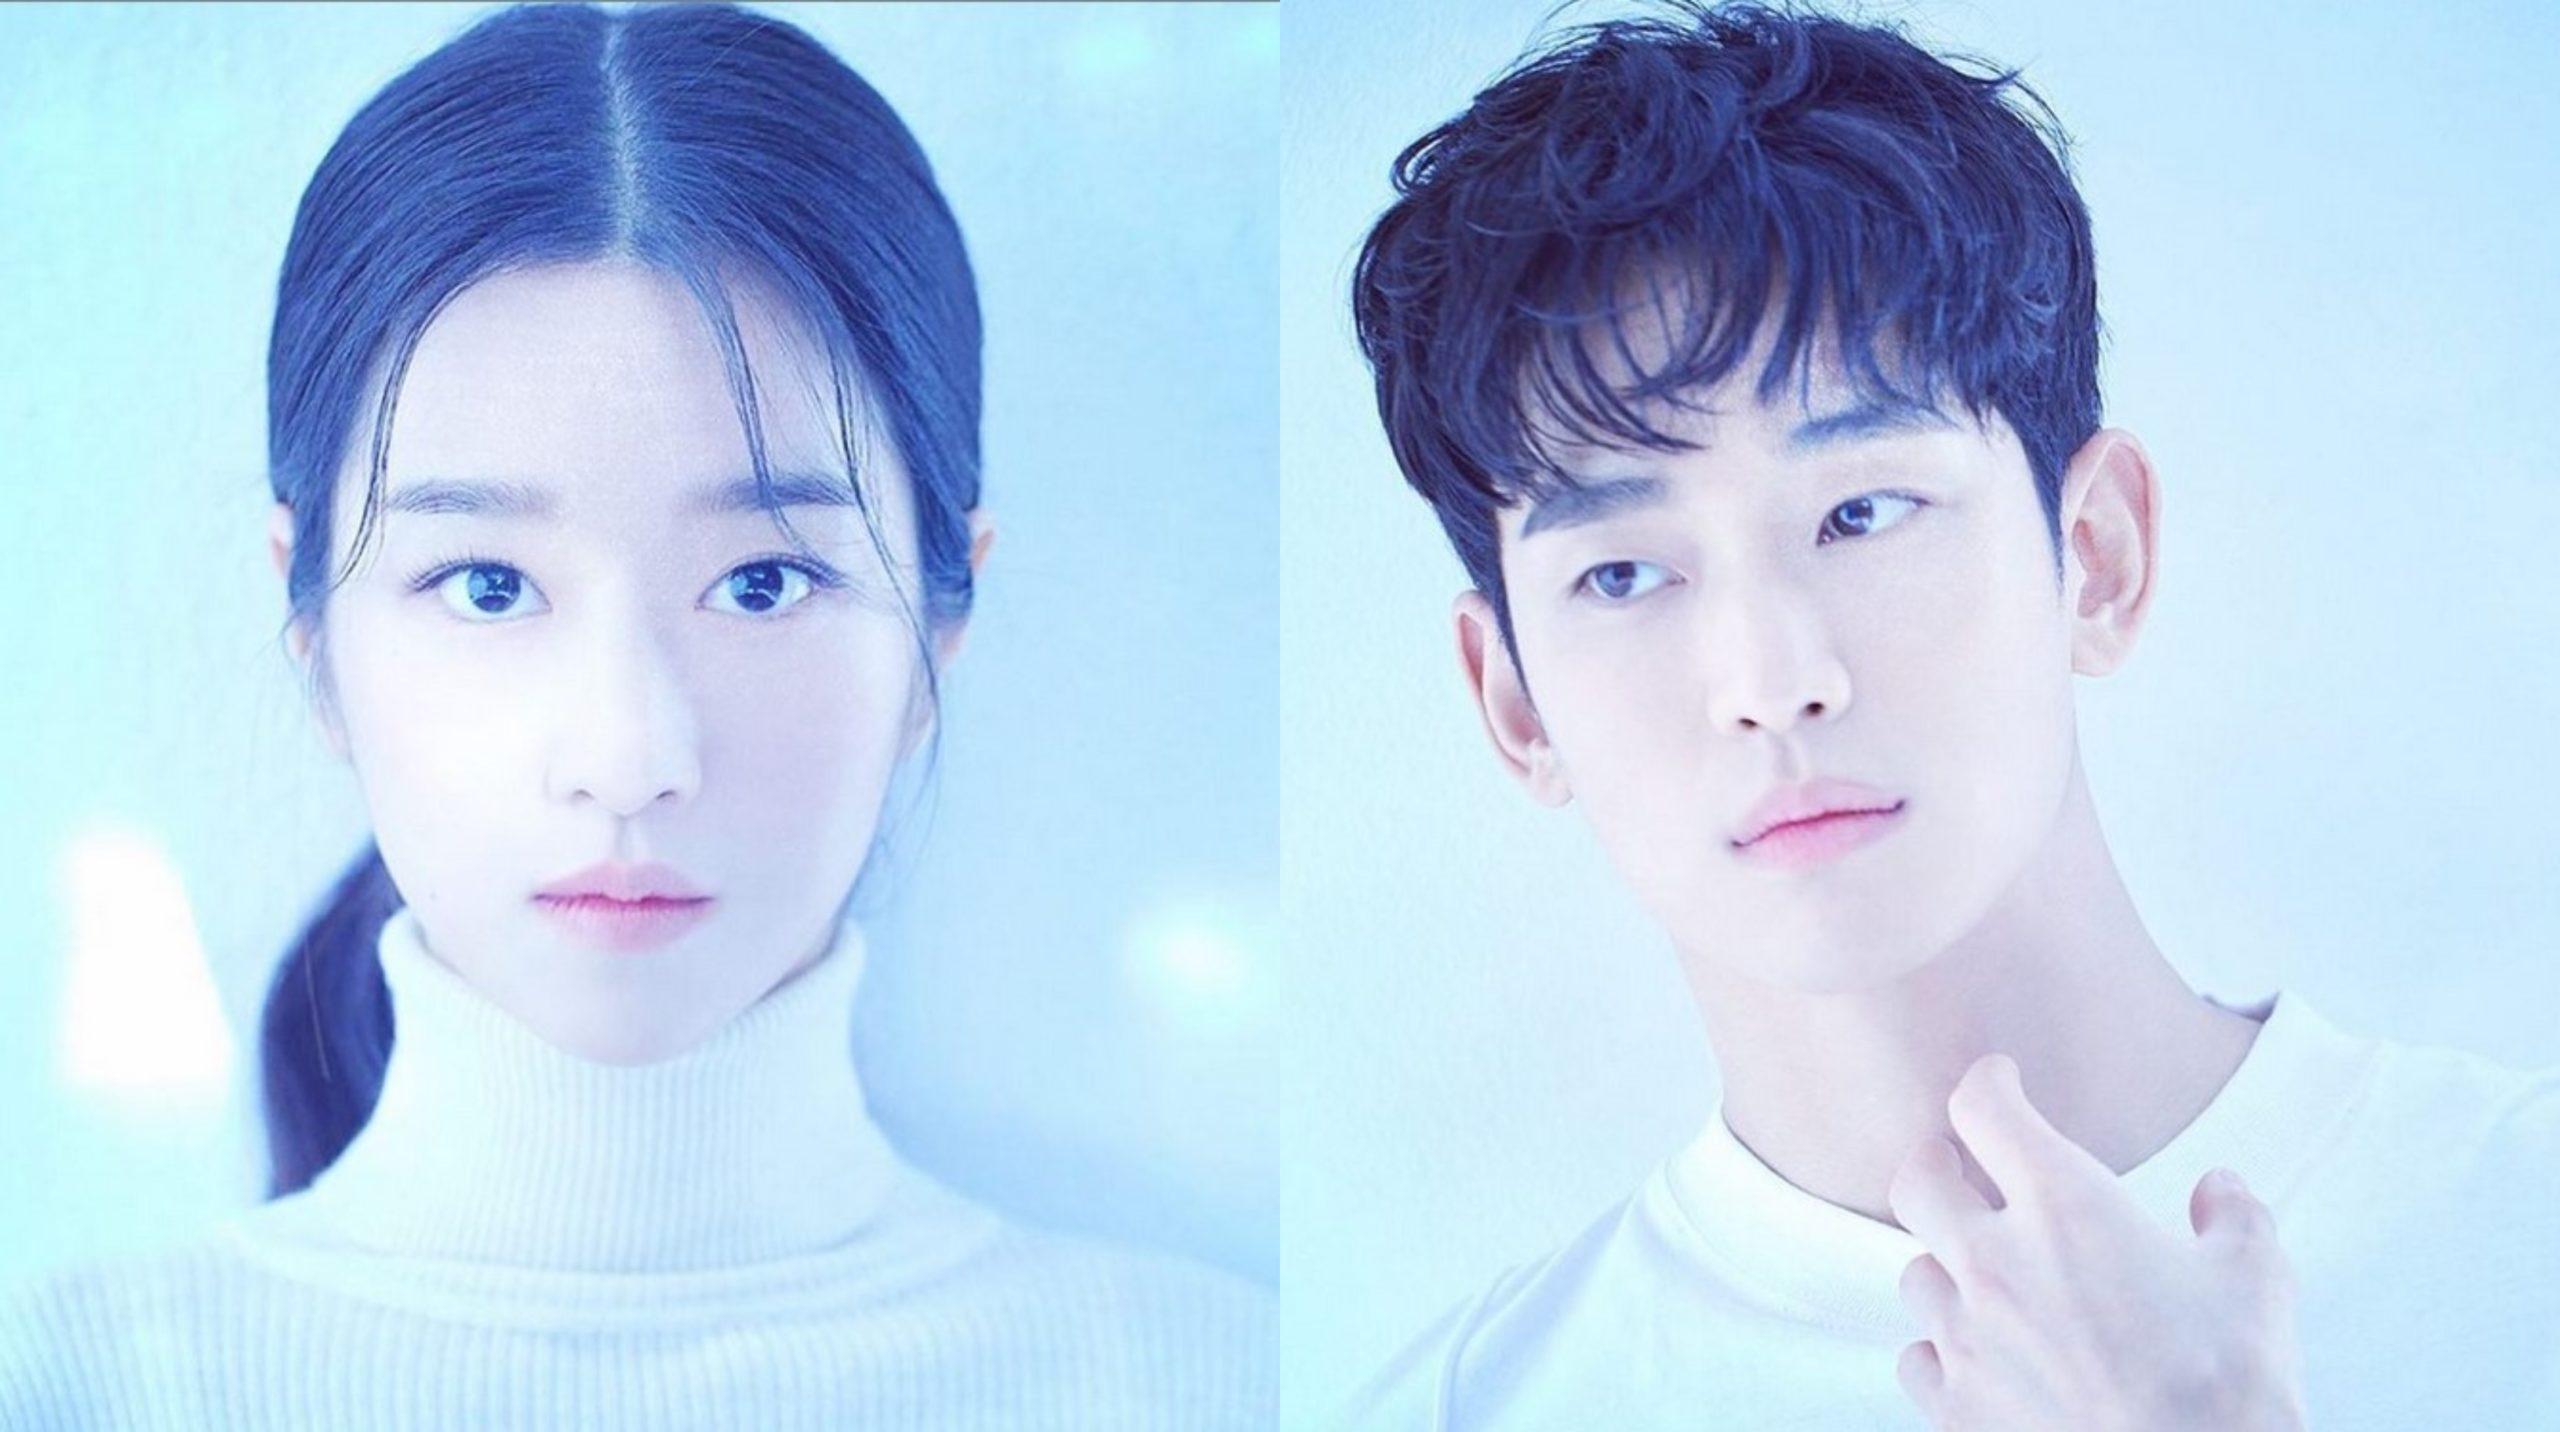 Kim Soo Hyun gây xôn xao với mức cát-xê 10 tỷ đồng/tập...; Seo Ye Ji; kim soo-hyun chương trình truyền hình; kim soo-hyun ig; Kim Soo Hyun phim; Kim So Hyun; kim soo-hyun và bạn gái.